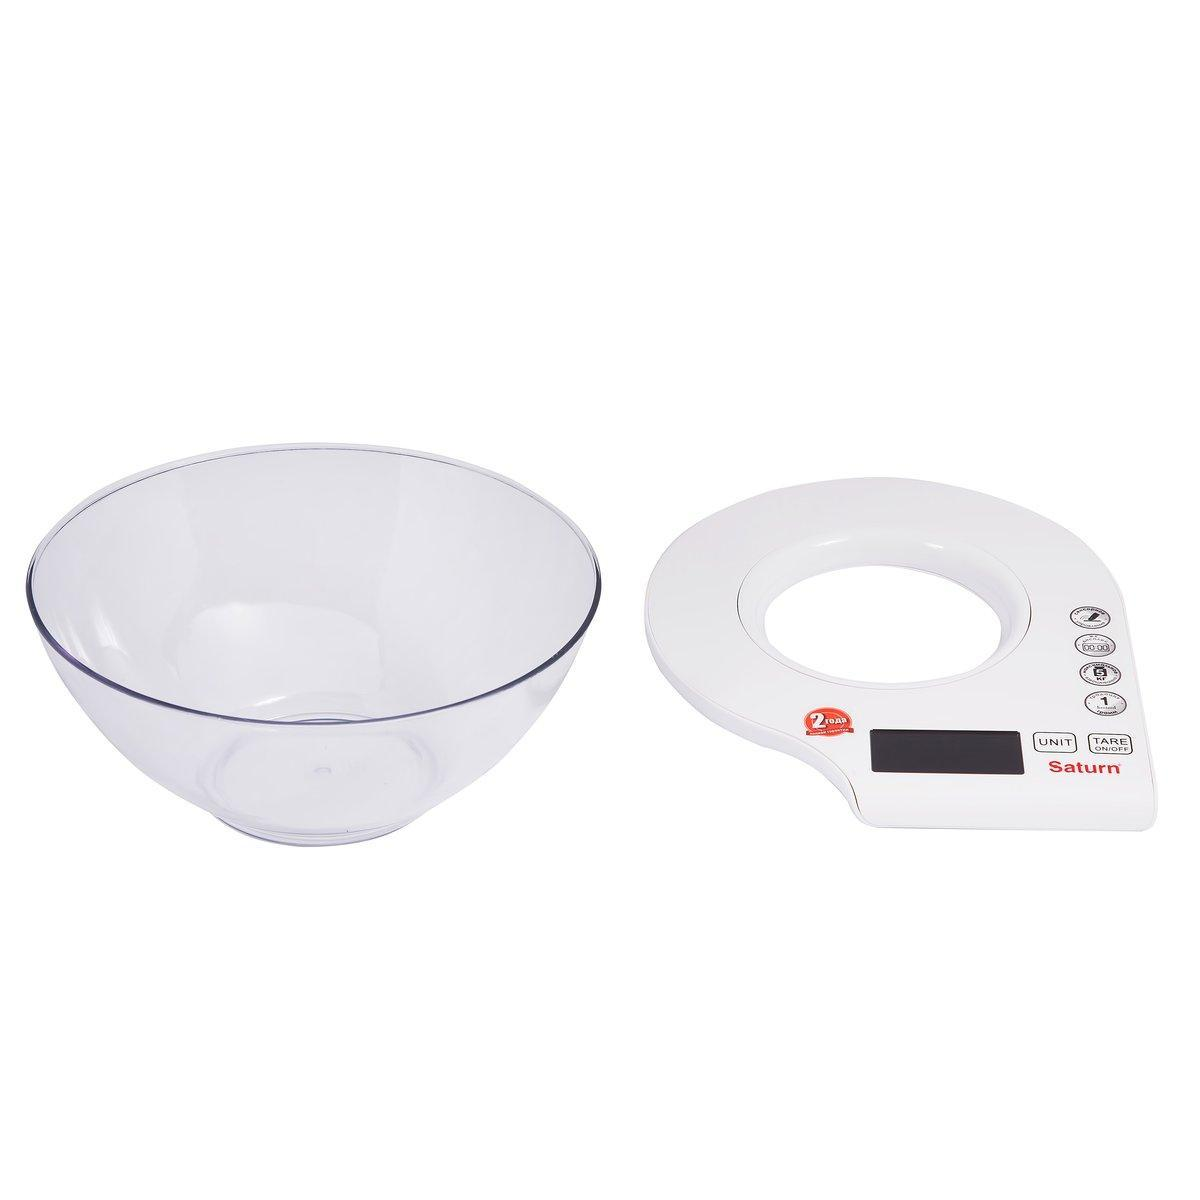 Весы кухонные со съемной чашей Saturn ST-KS7803, Допустимый вес: 5 кг, Точность: 1 г, Цвет: Белый